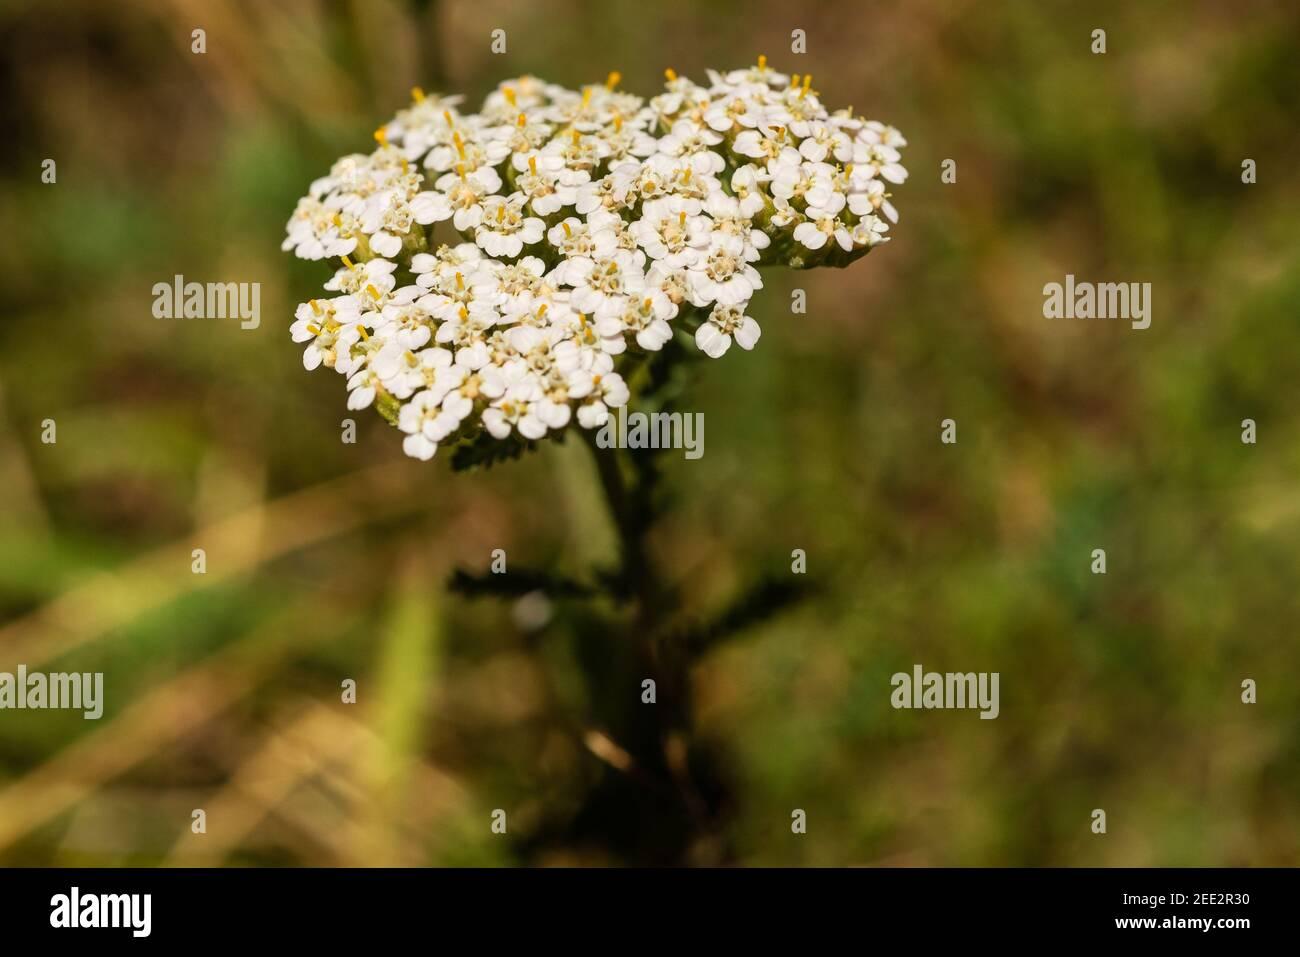 Flores blancas de la yarrow sobre fondo borroso. Foto de stock